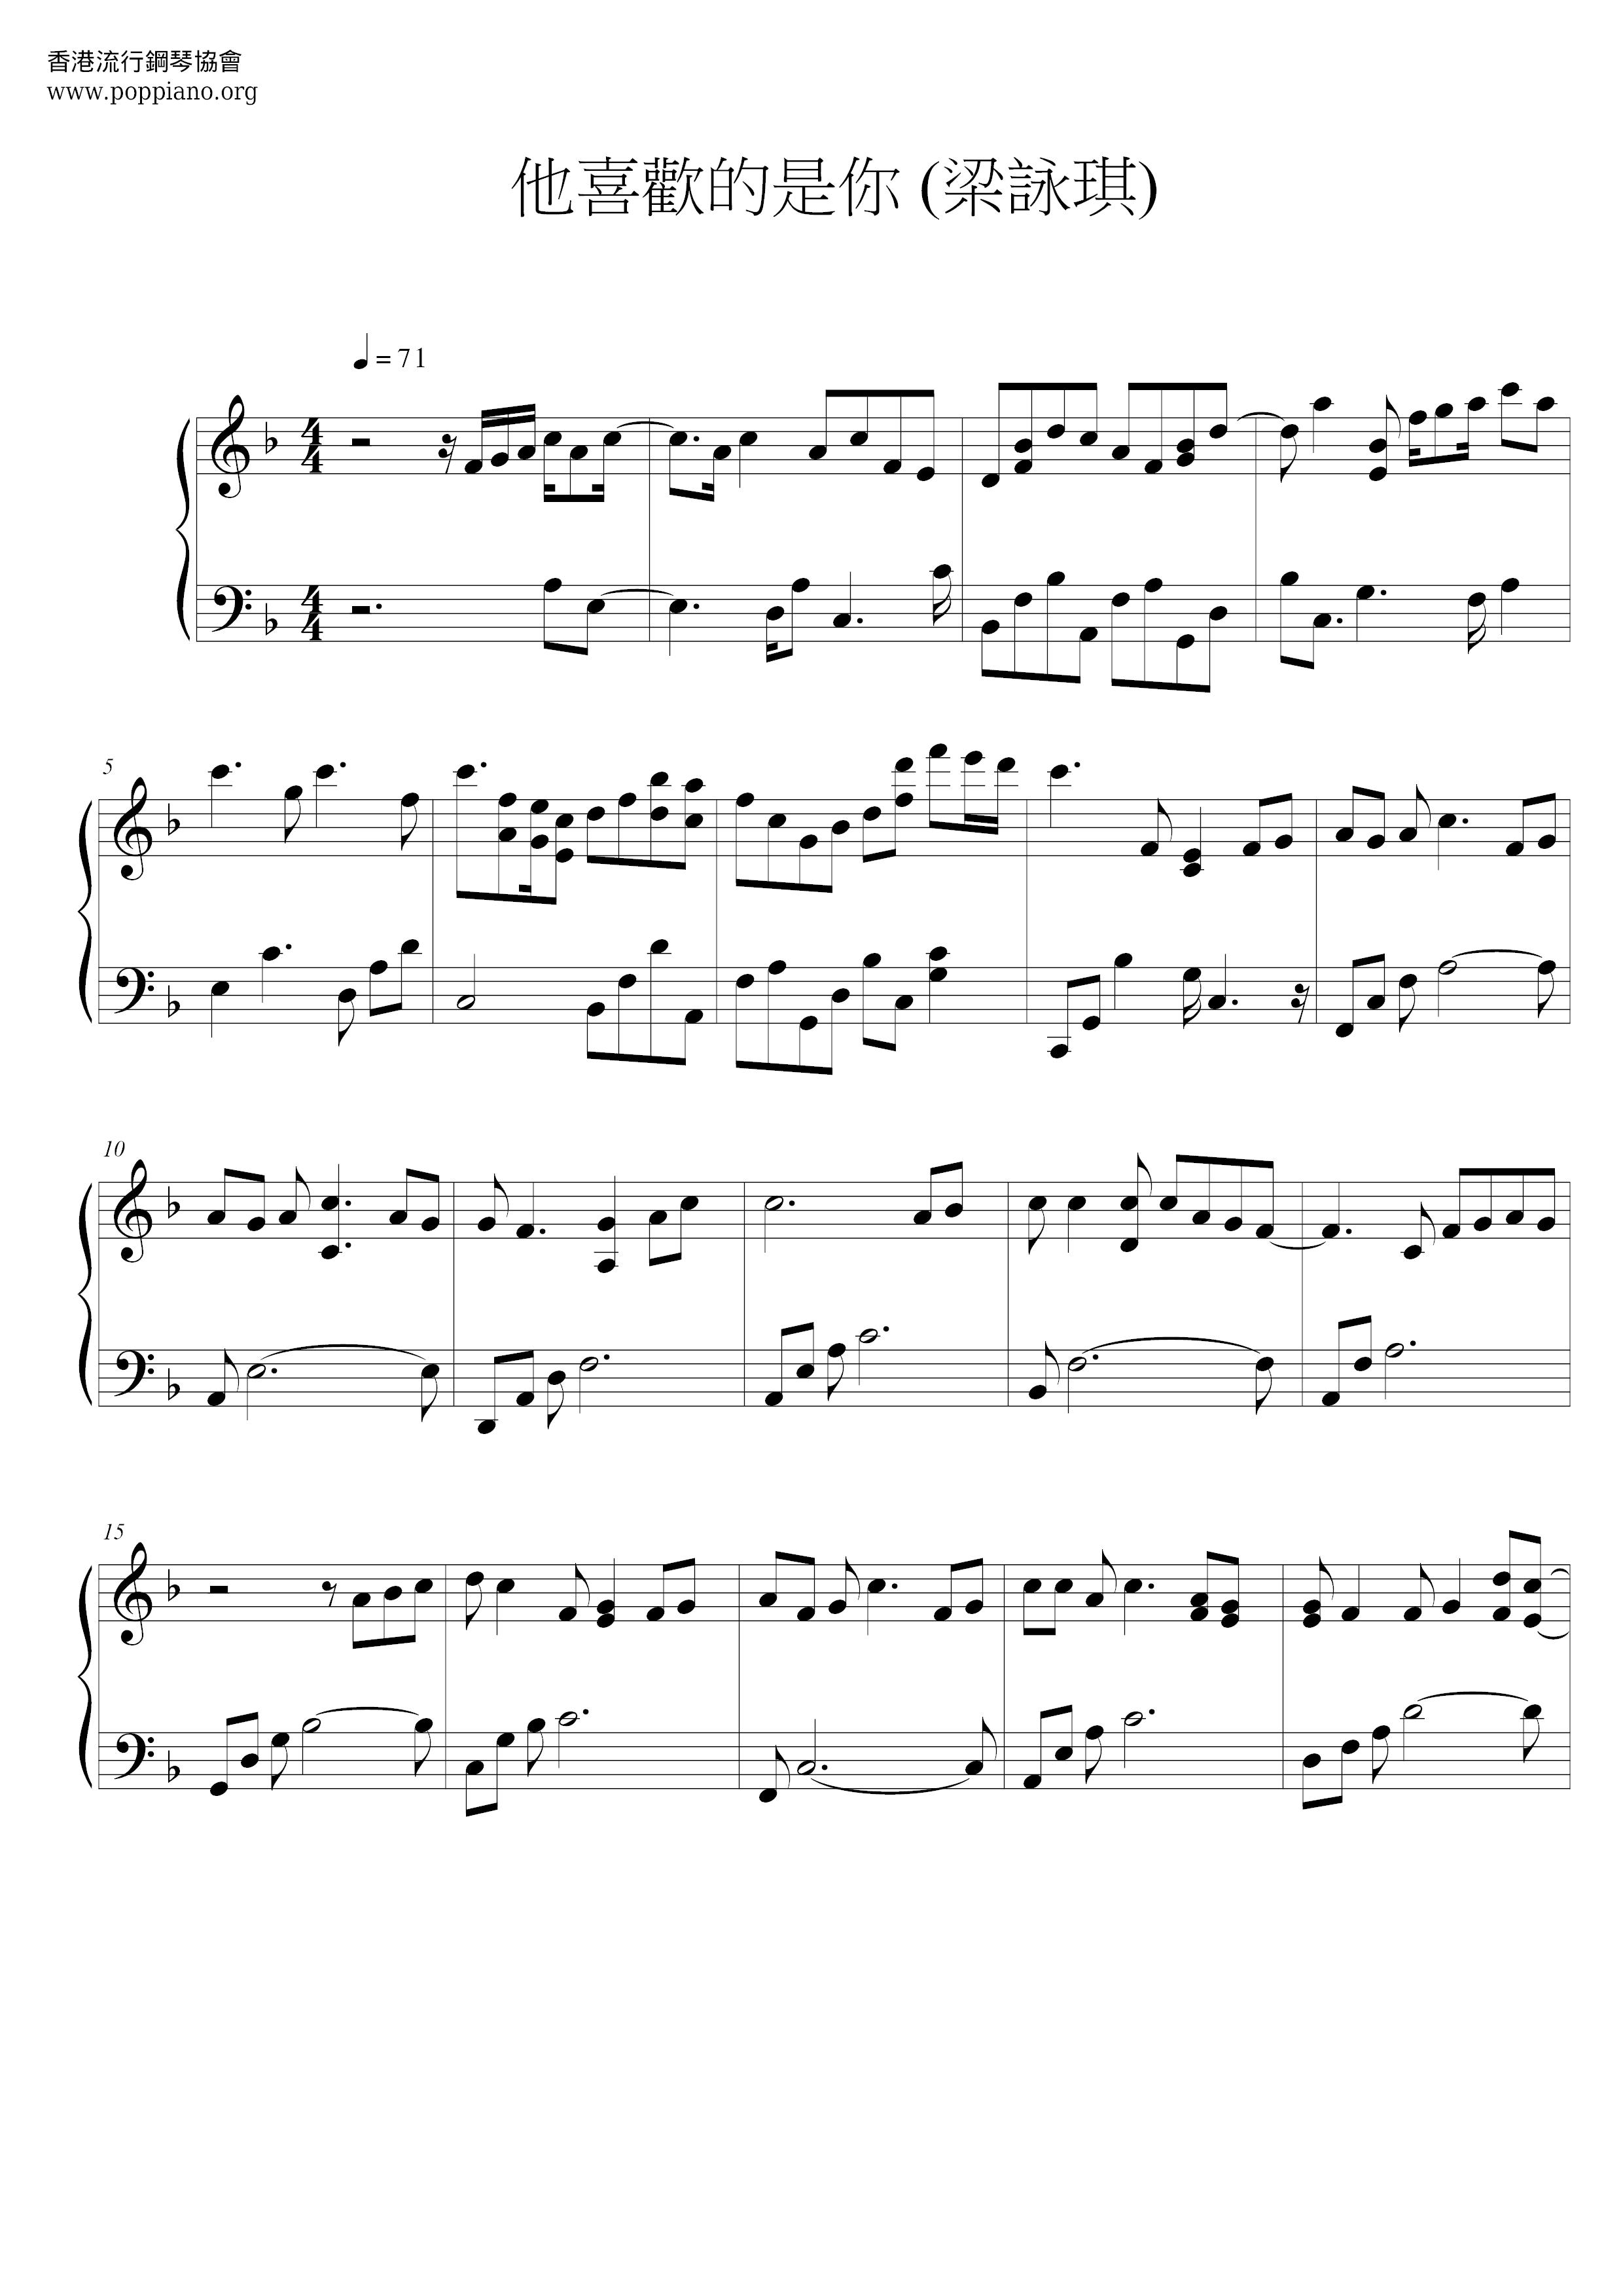 ★ 梁詠琪-他喜歡的是你 琴譜/五線譜pdf-香港流行鋼琴協會琴譜下載 ★